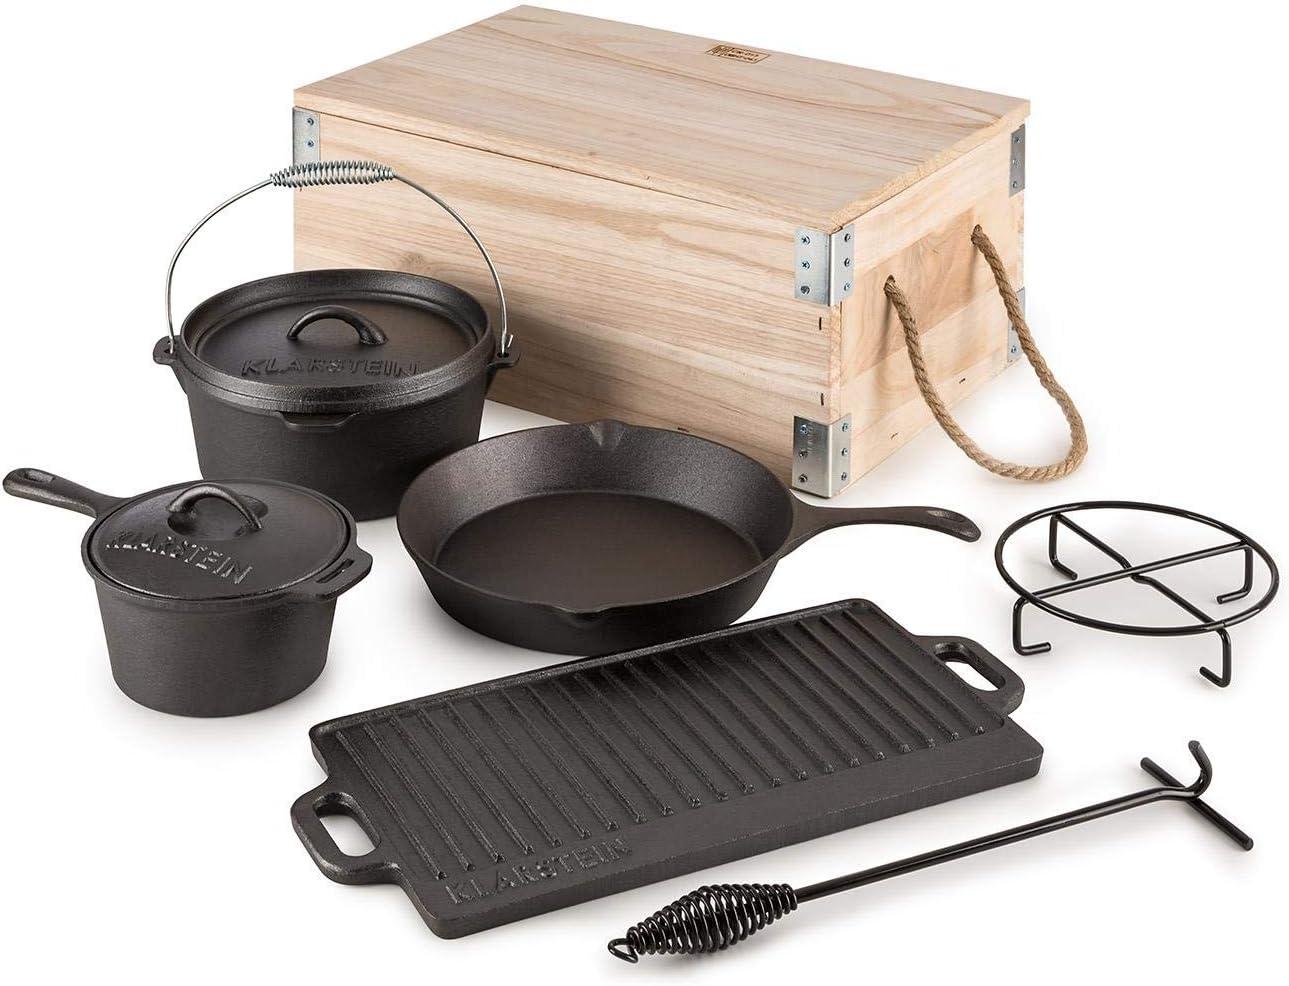 KLARSTEIN Hotrod Masterplan Juego de ollas de Hierro Fundido (Juego de 7 Piezas, para cocinar sobre Fuego o Parrilla Barbacoa, Cacerola, sartén, cazo, Tapa, Incluye Caja Transporte Madera)